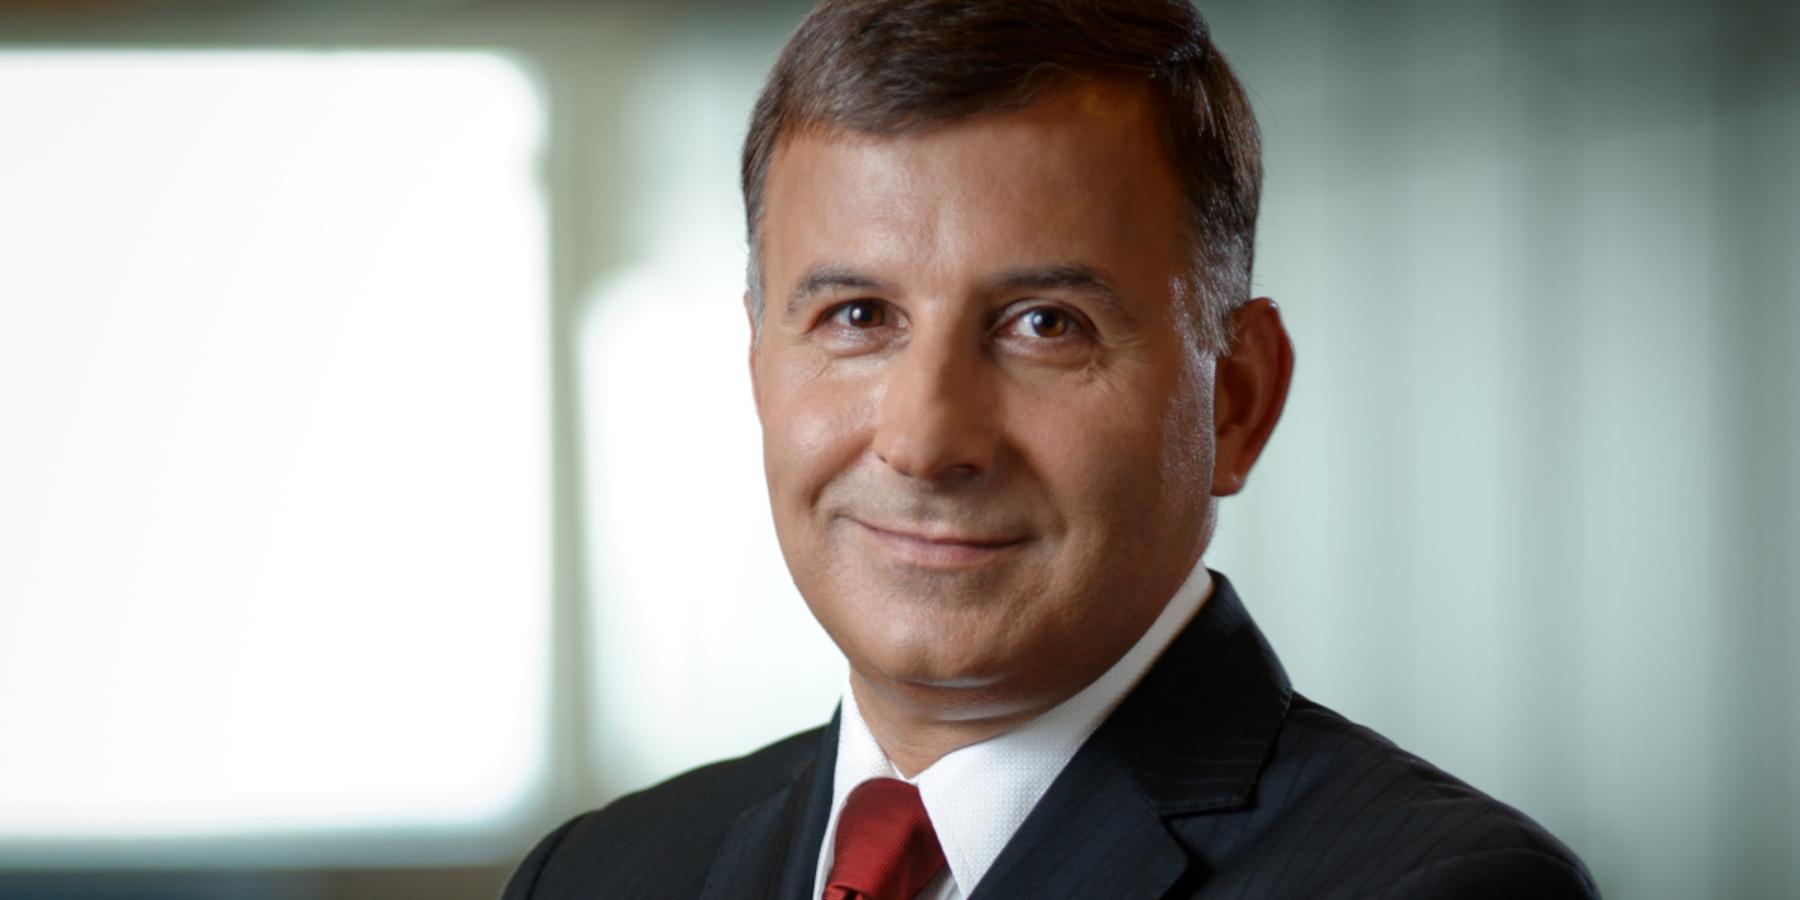 Prezes PKO BPZbigniew Jagiełło rezygnuje. Co tooznacza dla banku?